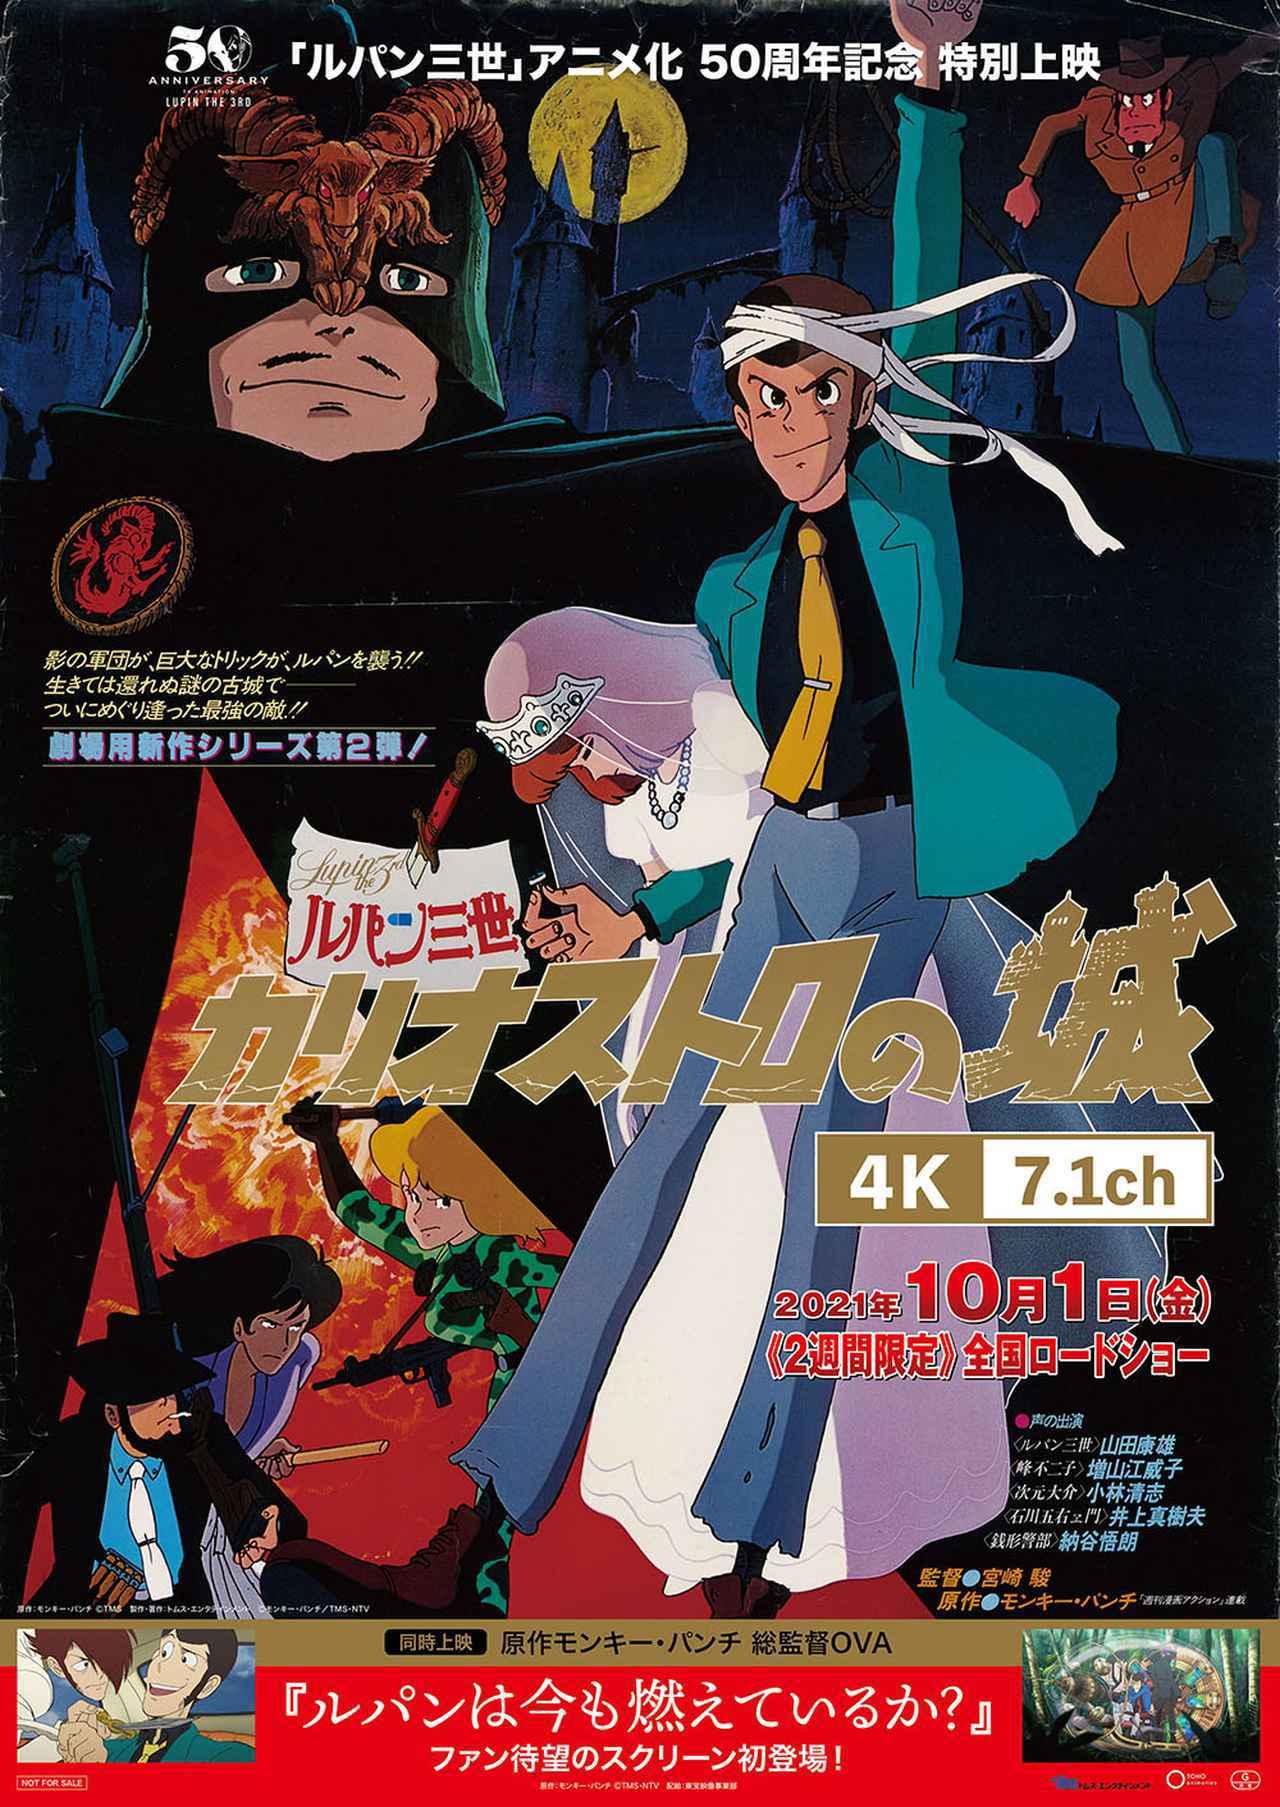 画像: 『ルパン三世』アニメ化50周年記念特別上映が決定! 『〜カリオストロの城』の4K+7.1ch版に加え、貴重な短編作品も初上映